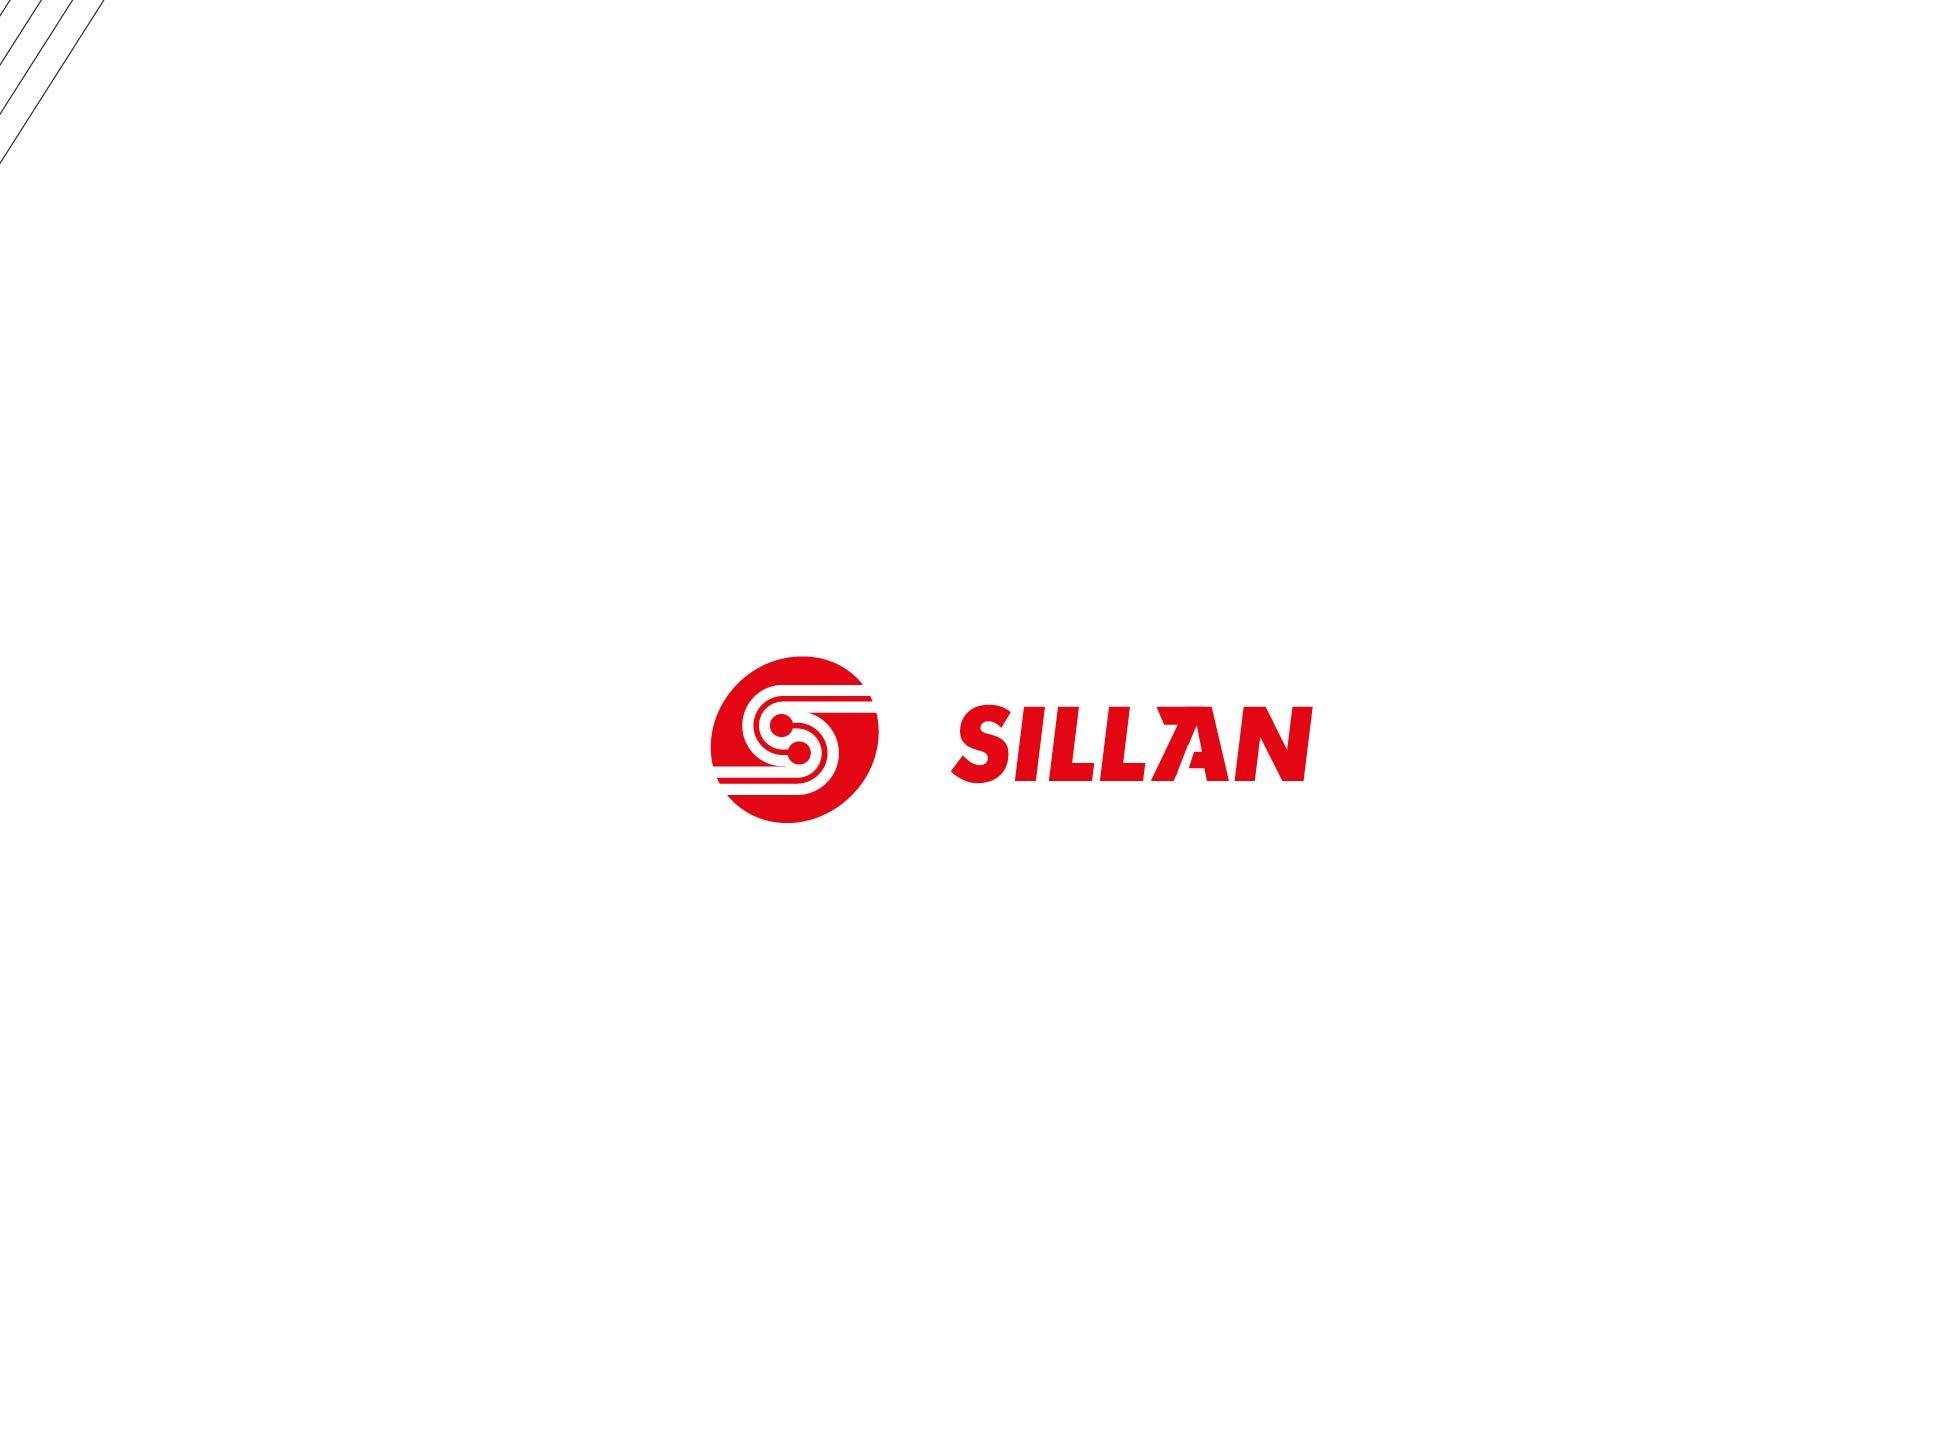 Логотип для Sillan - дизайнер V0va